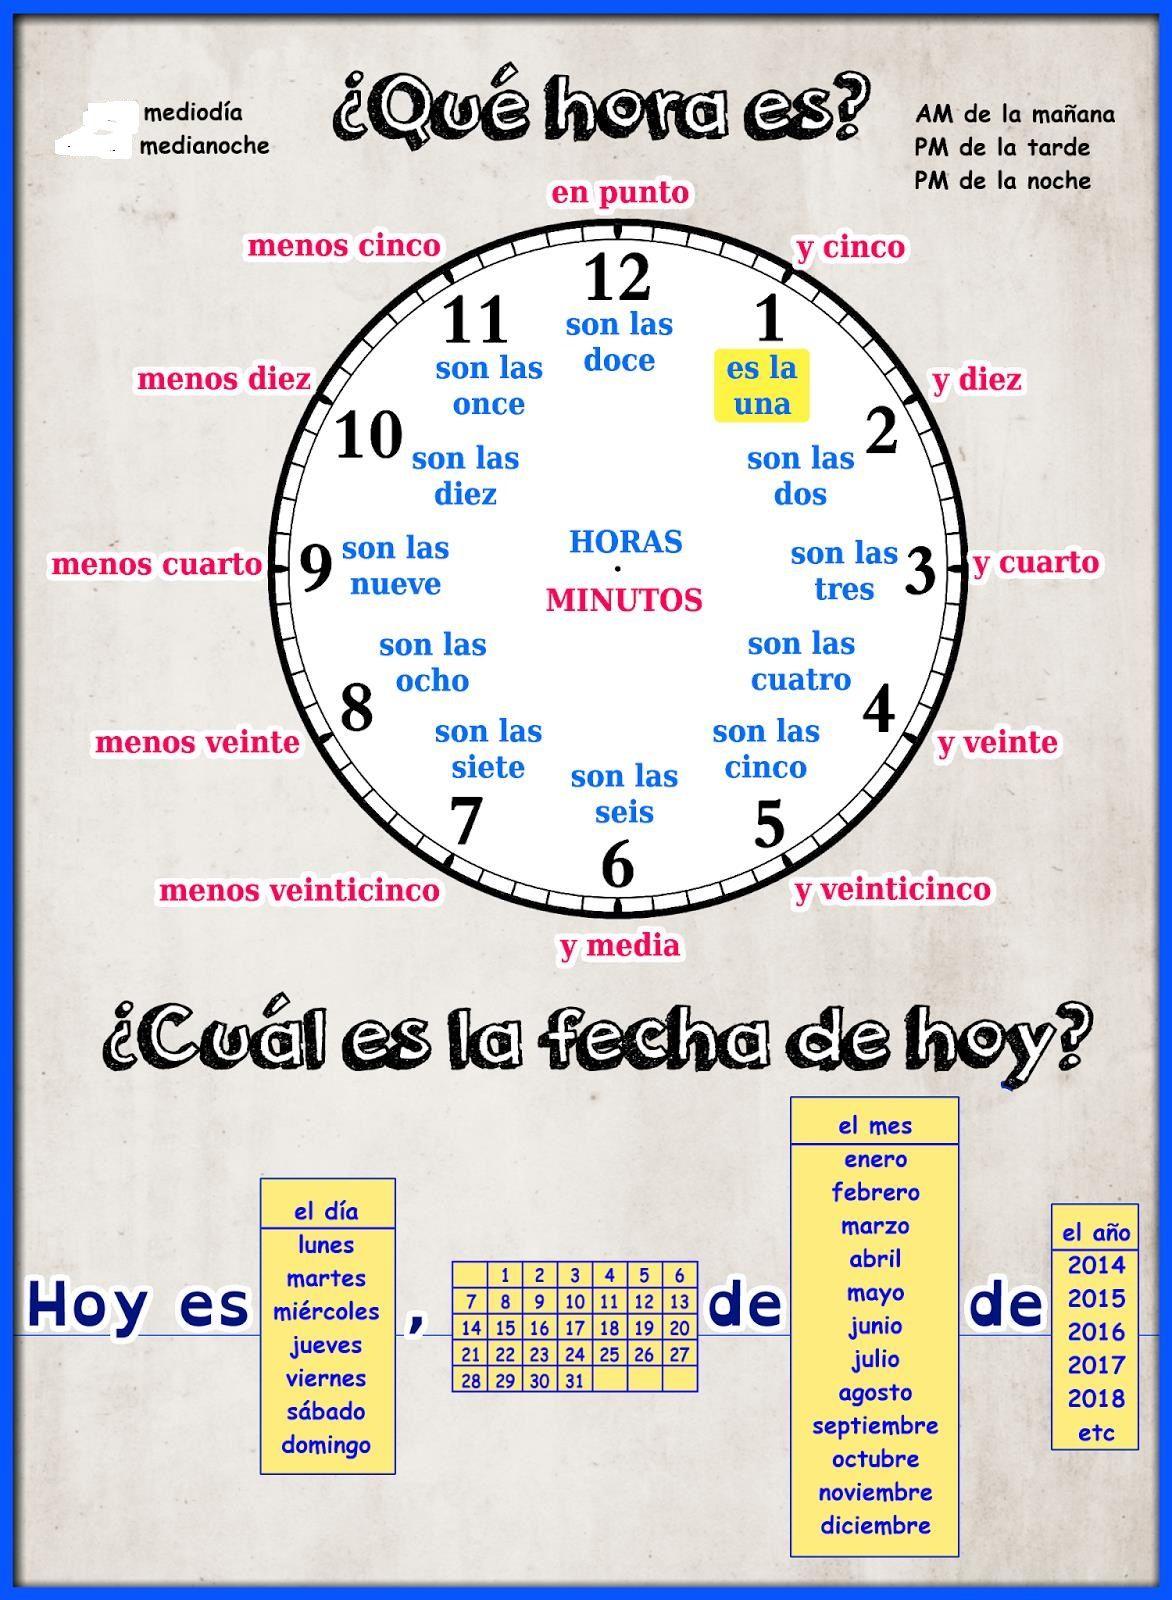 Bienvenidos Al Blog De Las Clases Basico 1 Y Basico 2 De La Eoi De Malaga Aqui Podreis